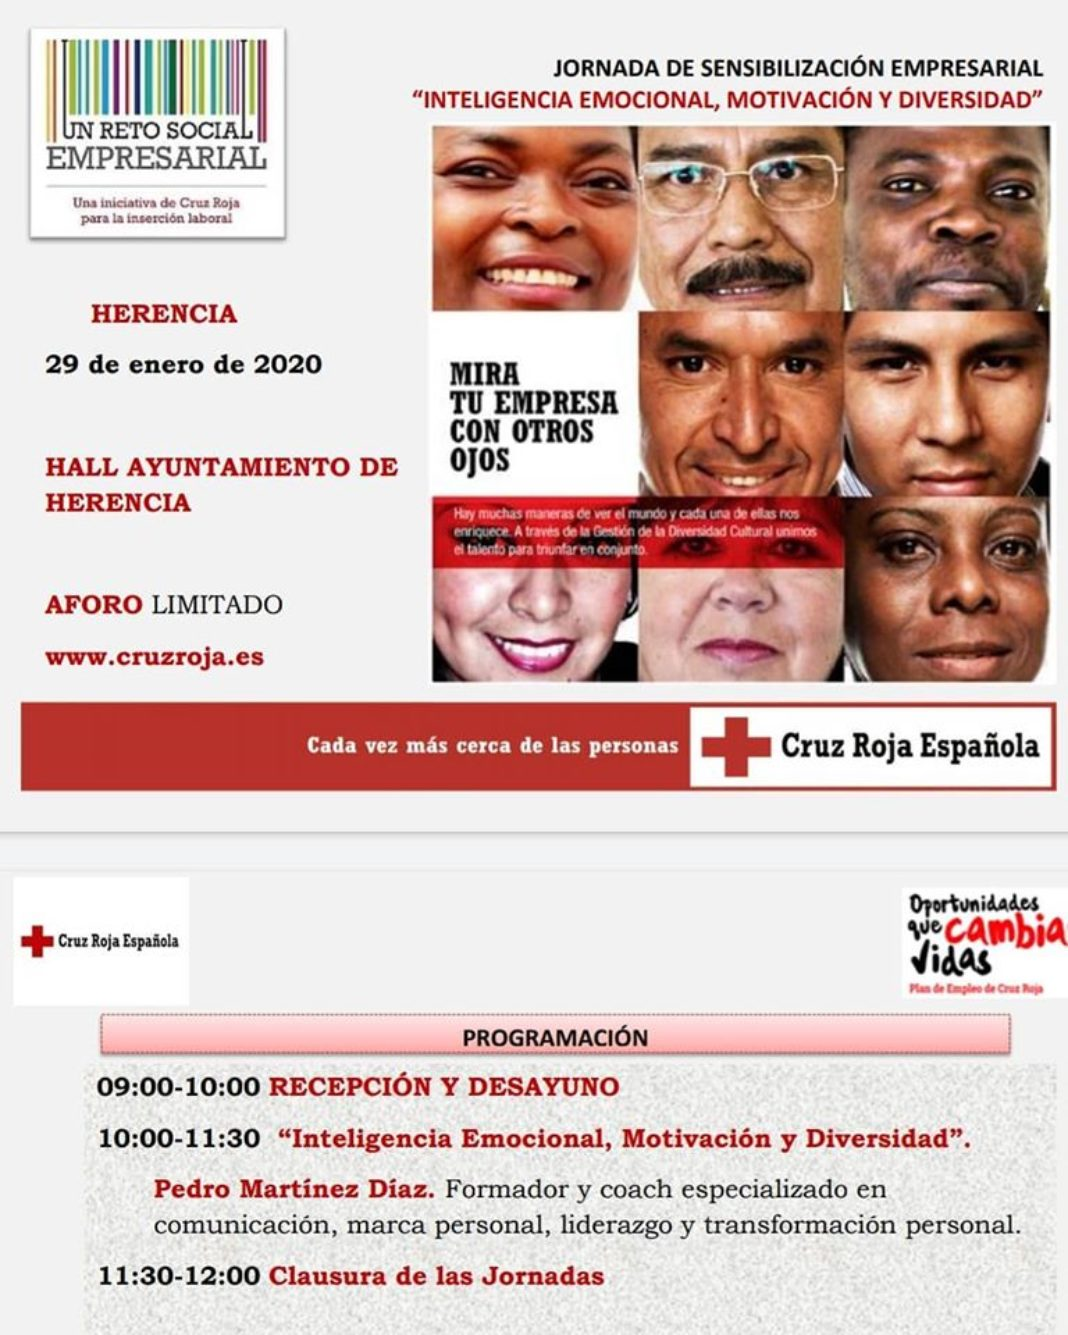 Jornada de sensibilización empresarial en Herencia 4